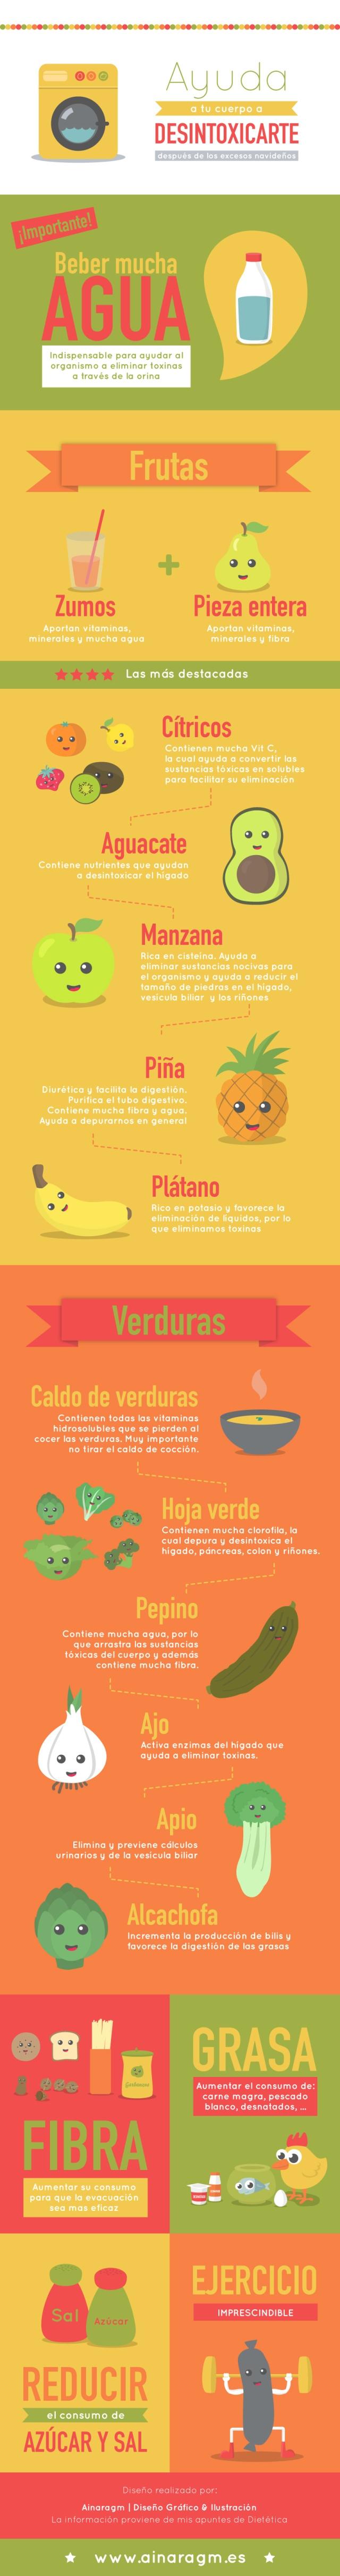 info_dieta_desintoxicante1